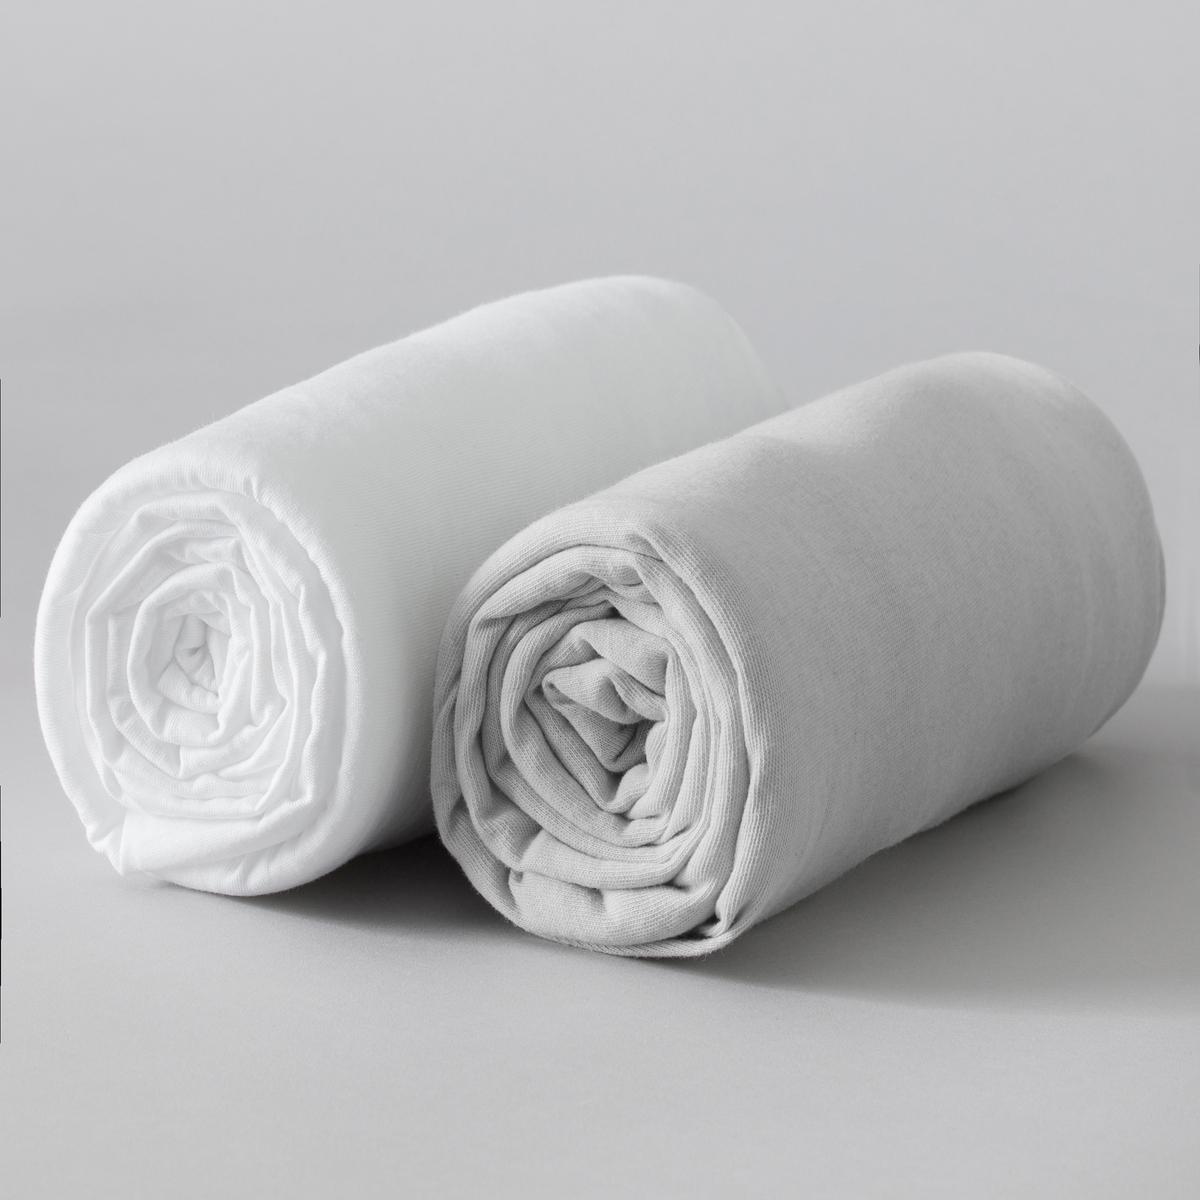 2 натяжные простыни КселиКачество VALEUR S?RE. Однотонная ткань нежных цветов из 100% хлопка. Джерси стретч, 100% хлопка. Эластичные края. В комплекте 2 простыни: 1 белая + 1 цветная.    Стирка: цветное белье при 60°, белое белье при 90°.<br><br>Цвет: серый/ белый<br>Размер: 60 x 120  см